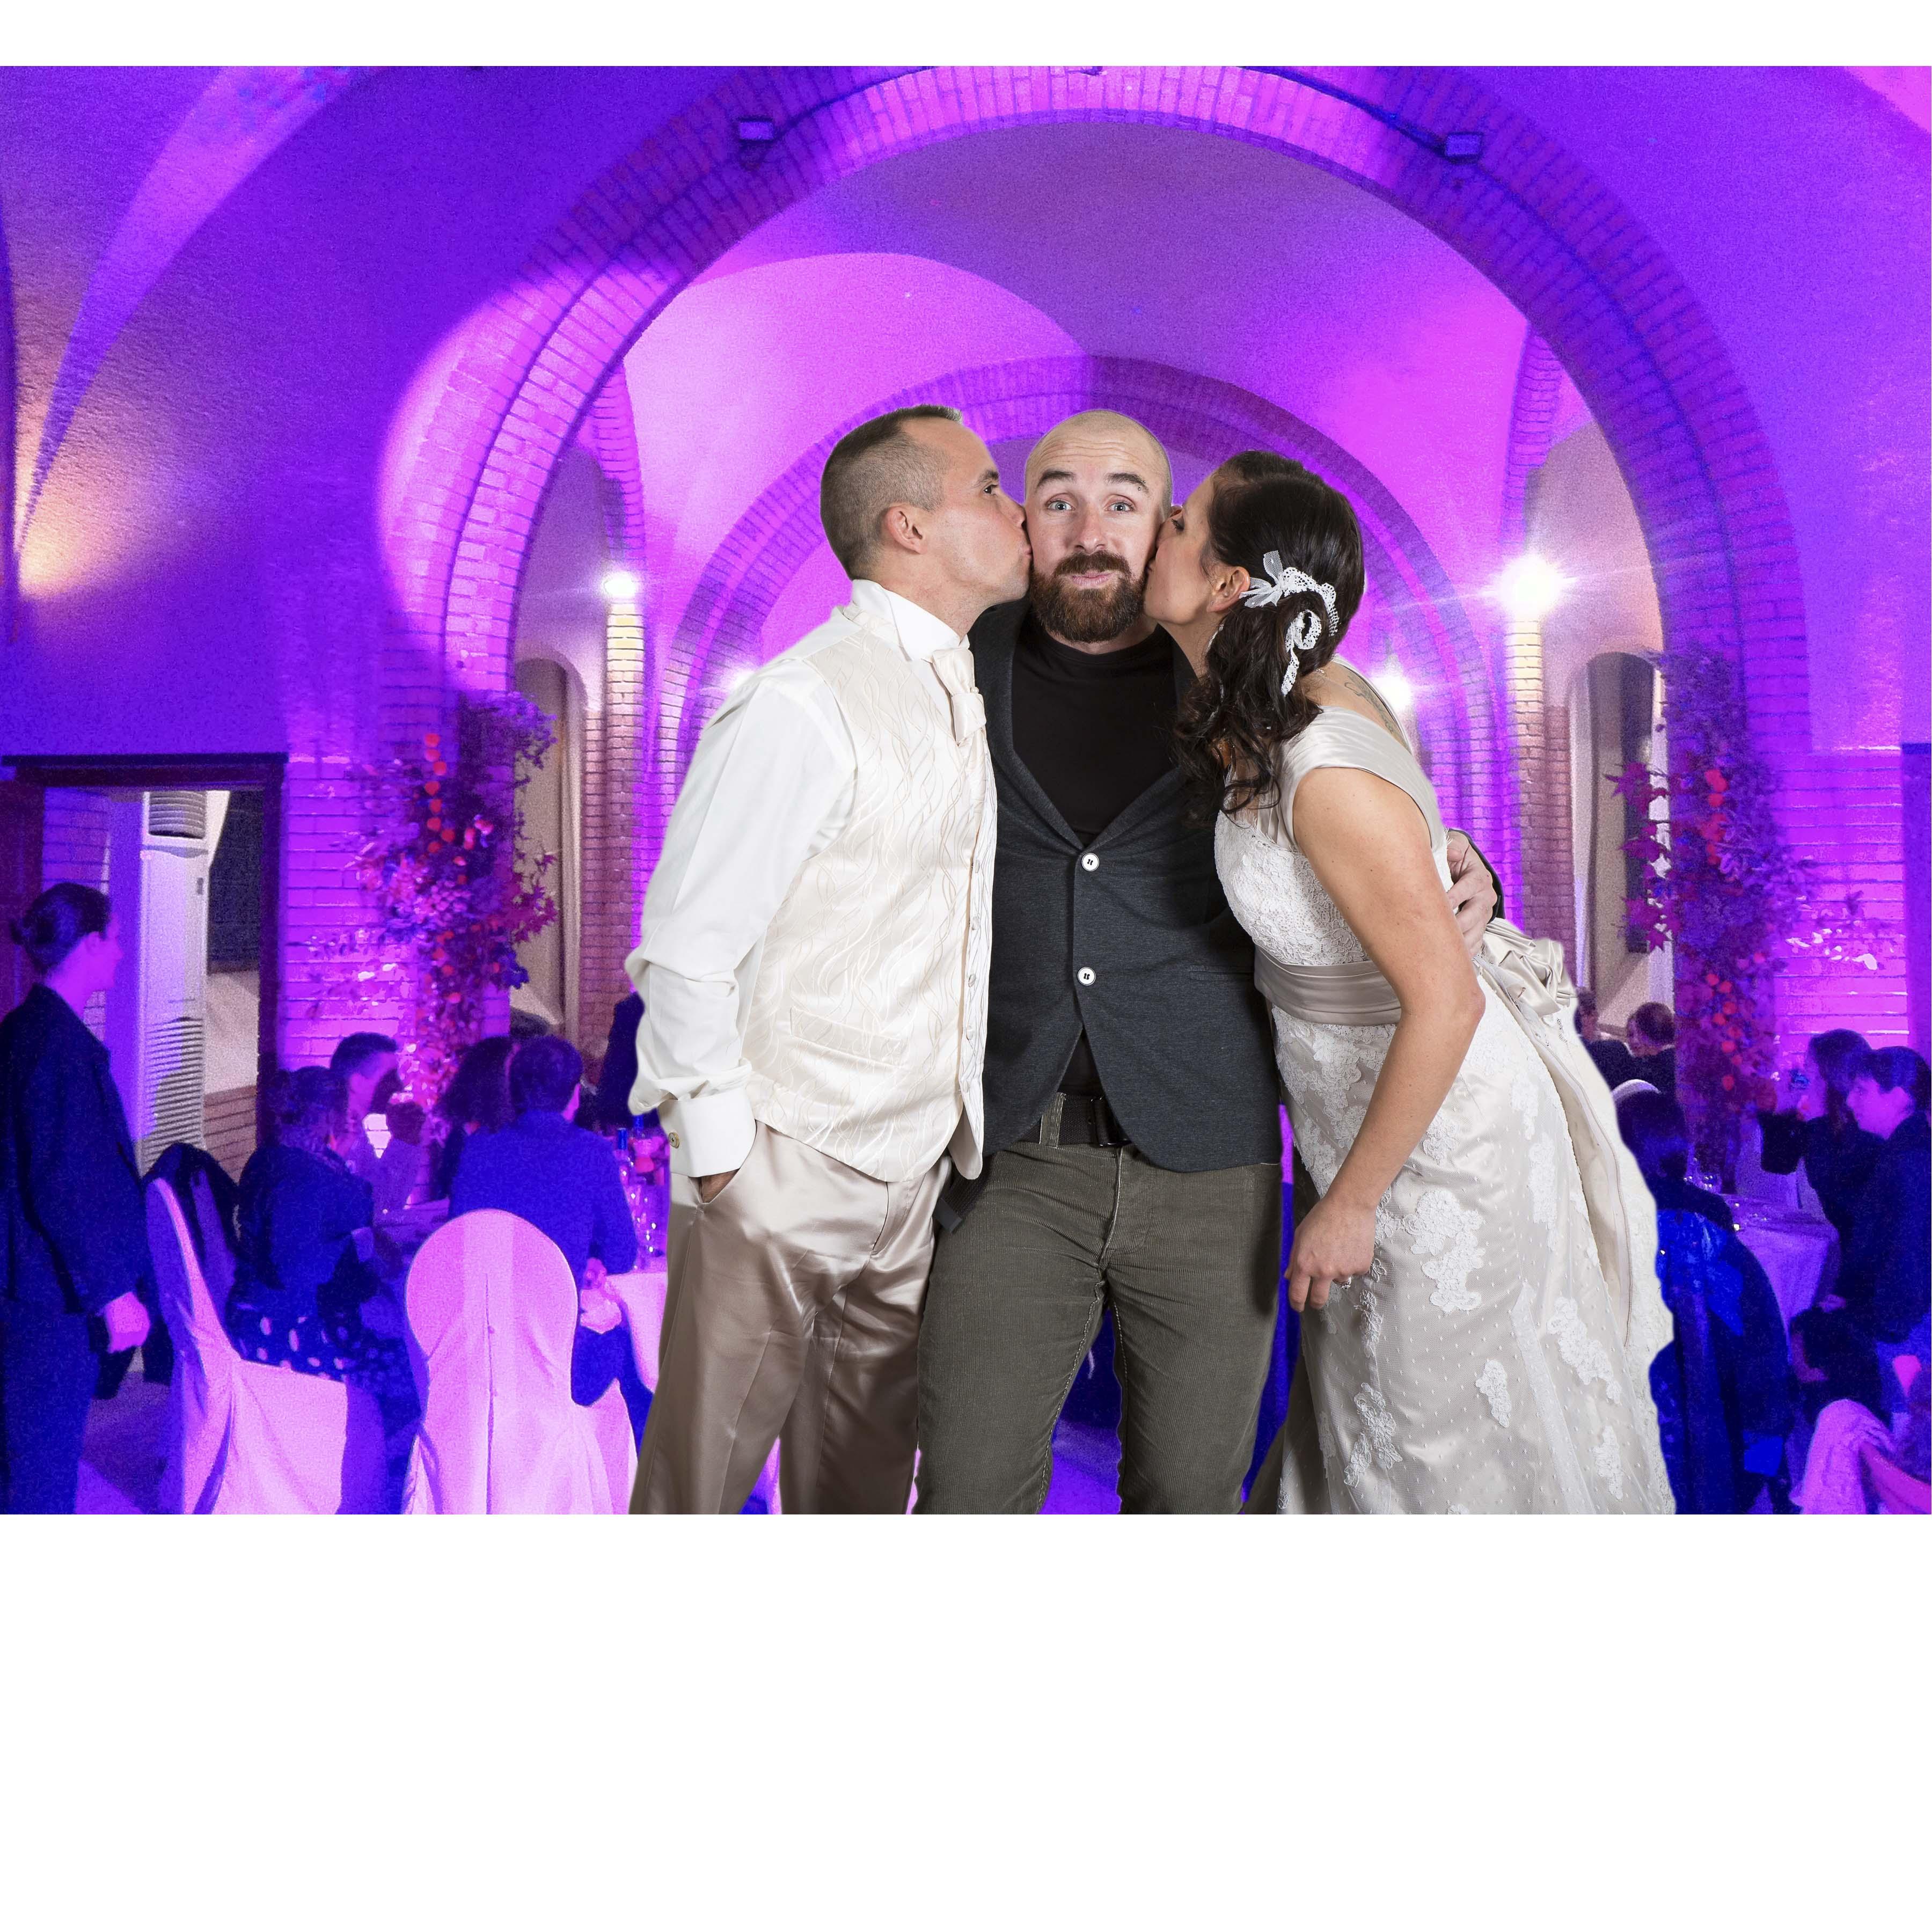 Dj-mariage-toulouse-bisous-mariés-vignette-full4